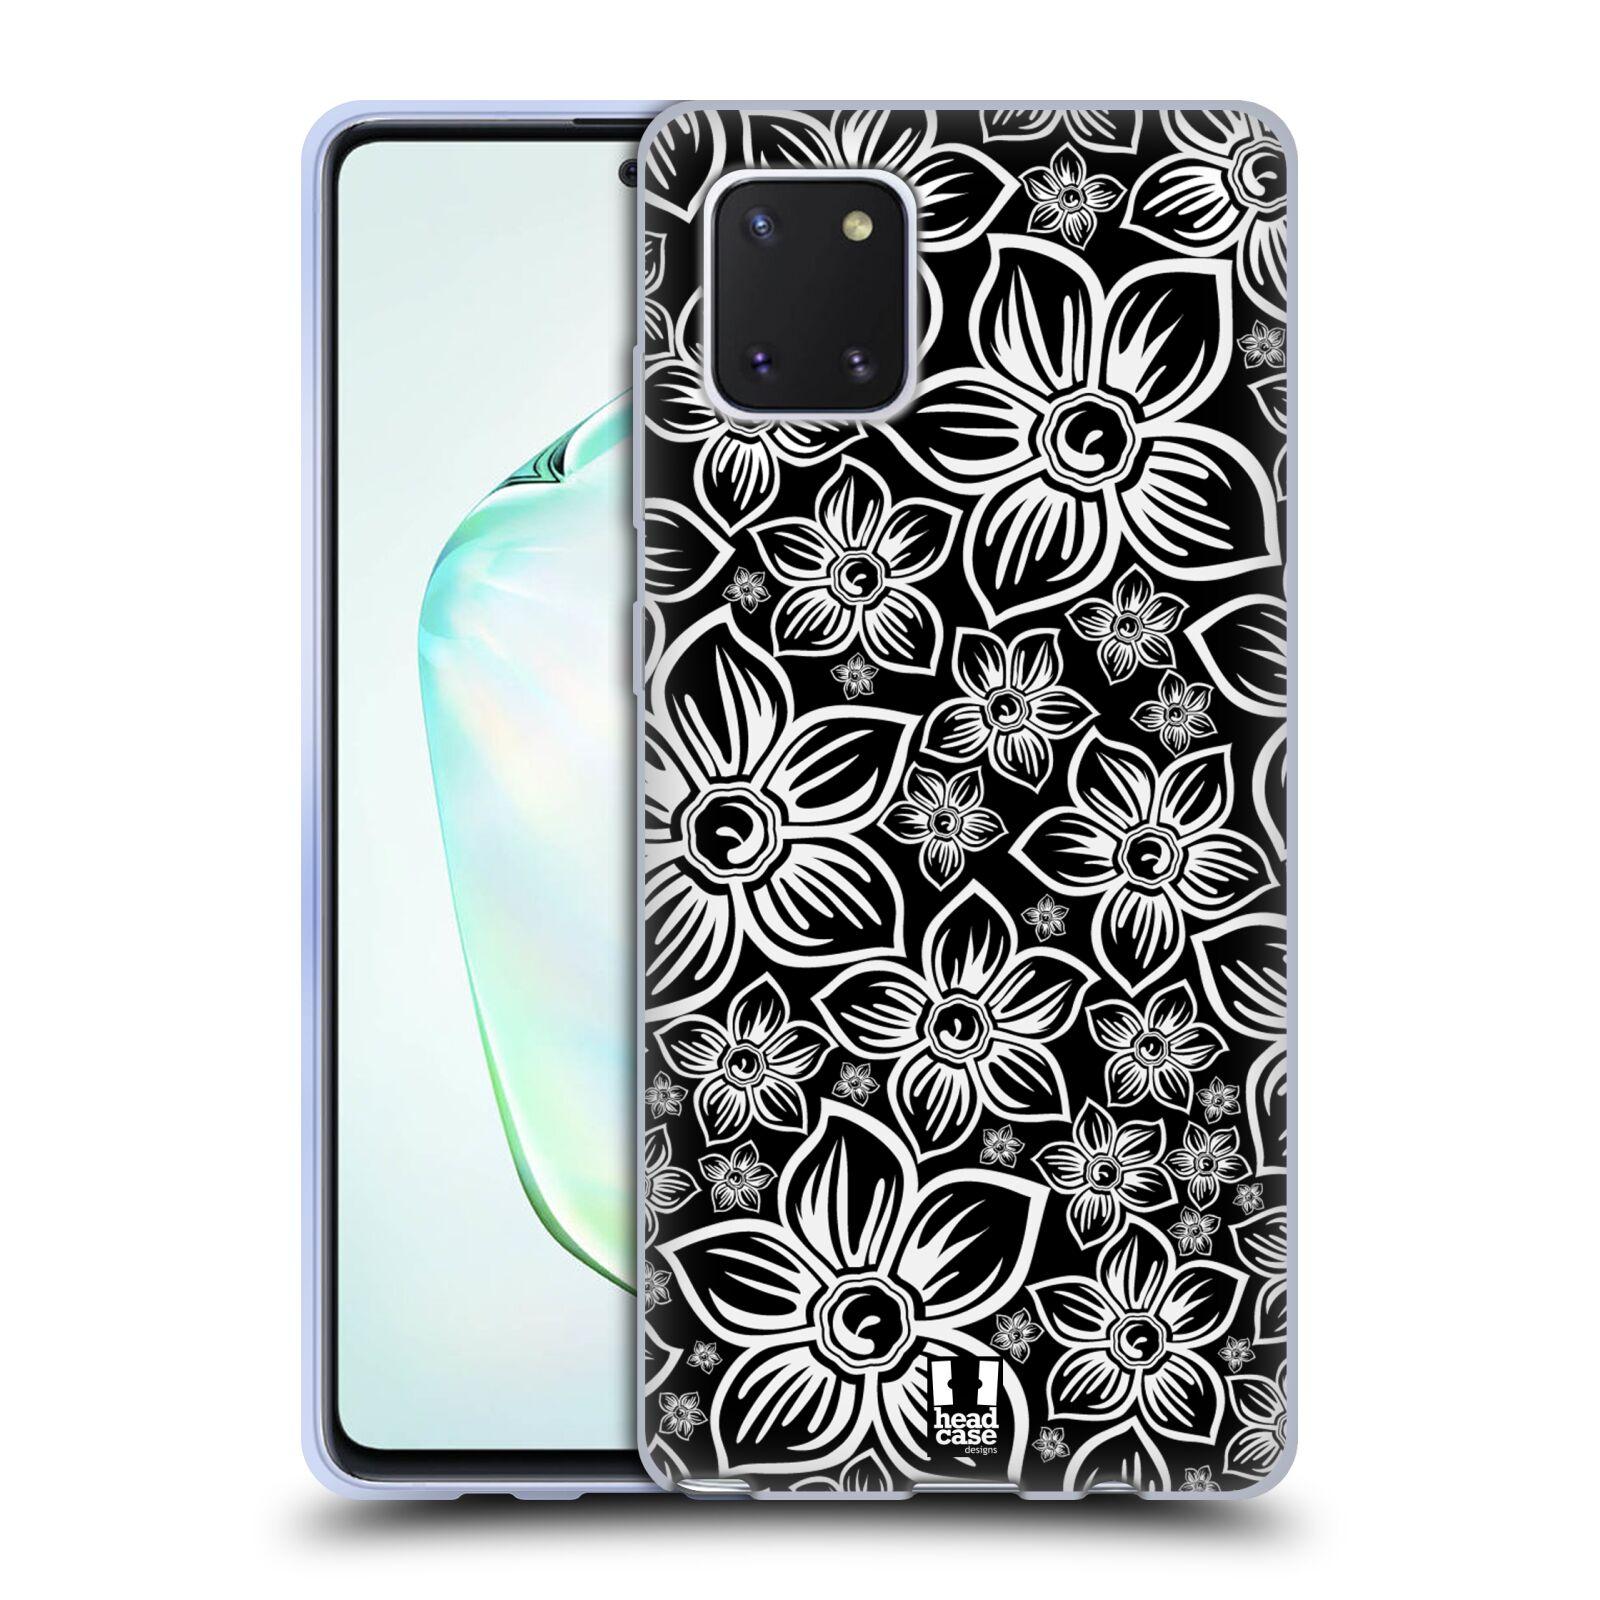 Silikonové pouzdro na mobil Samsung Galaxy Note 10 Lite - Head Case - FLORAL DAISY